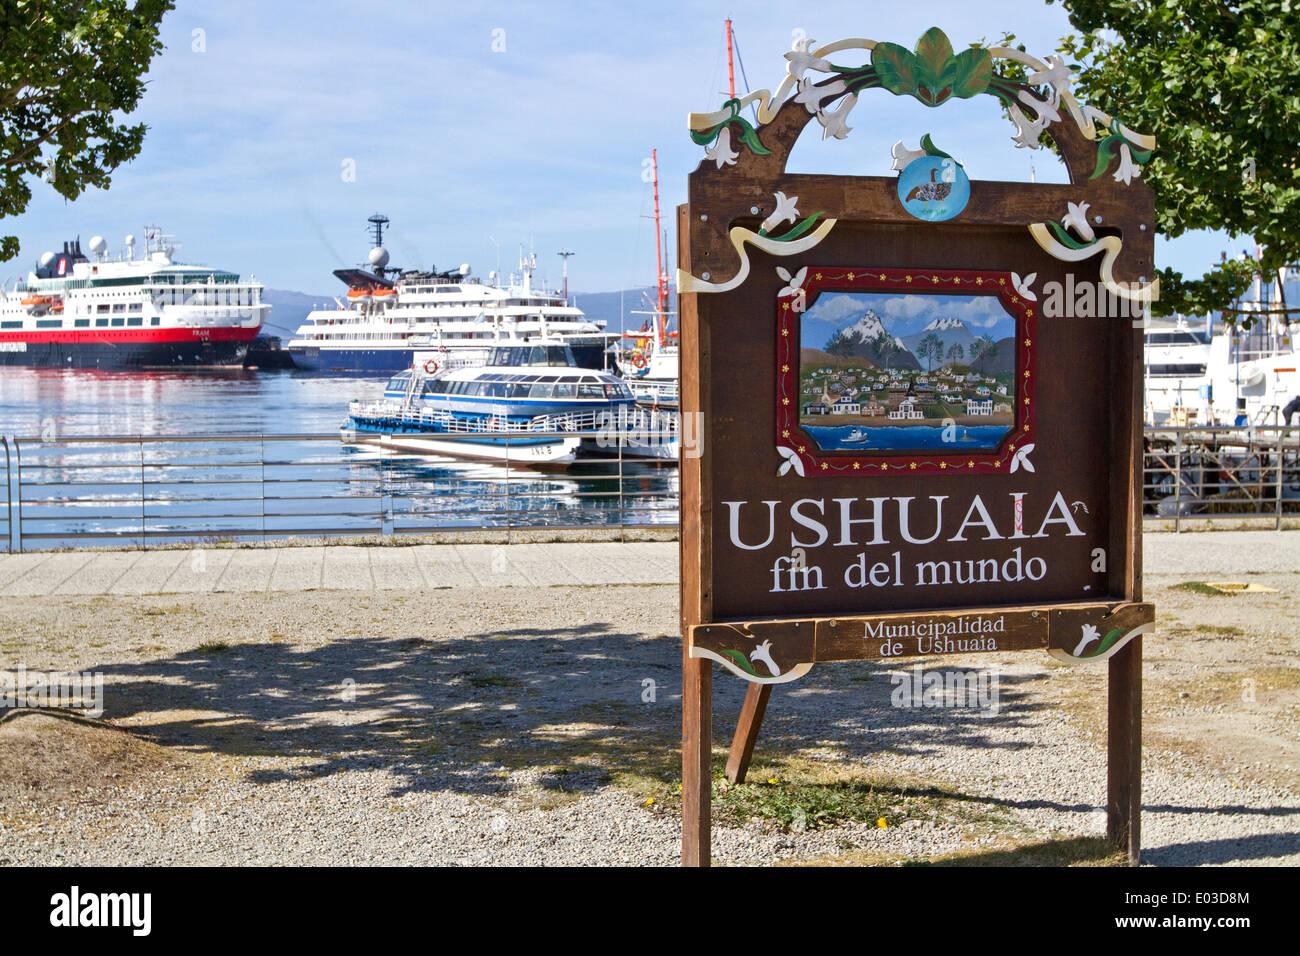 Ushuaia Argentina fine della terra segno con tourist la nave di crociera, navi in background prepararsi al viaggio in Antartide. Immagini Stock